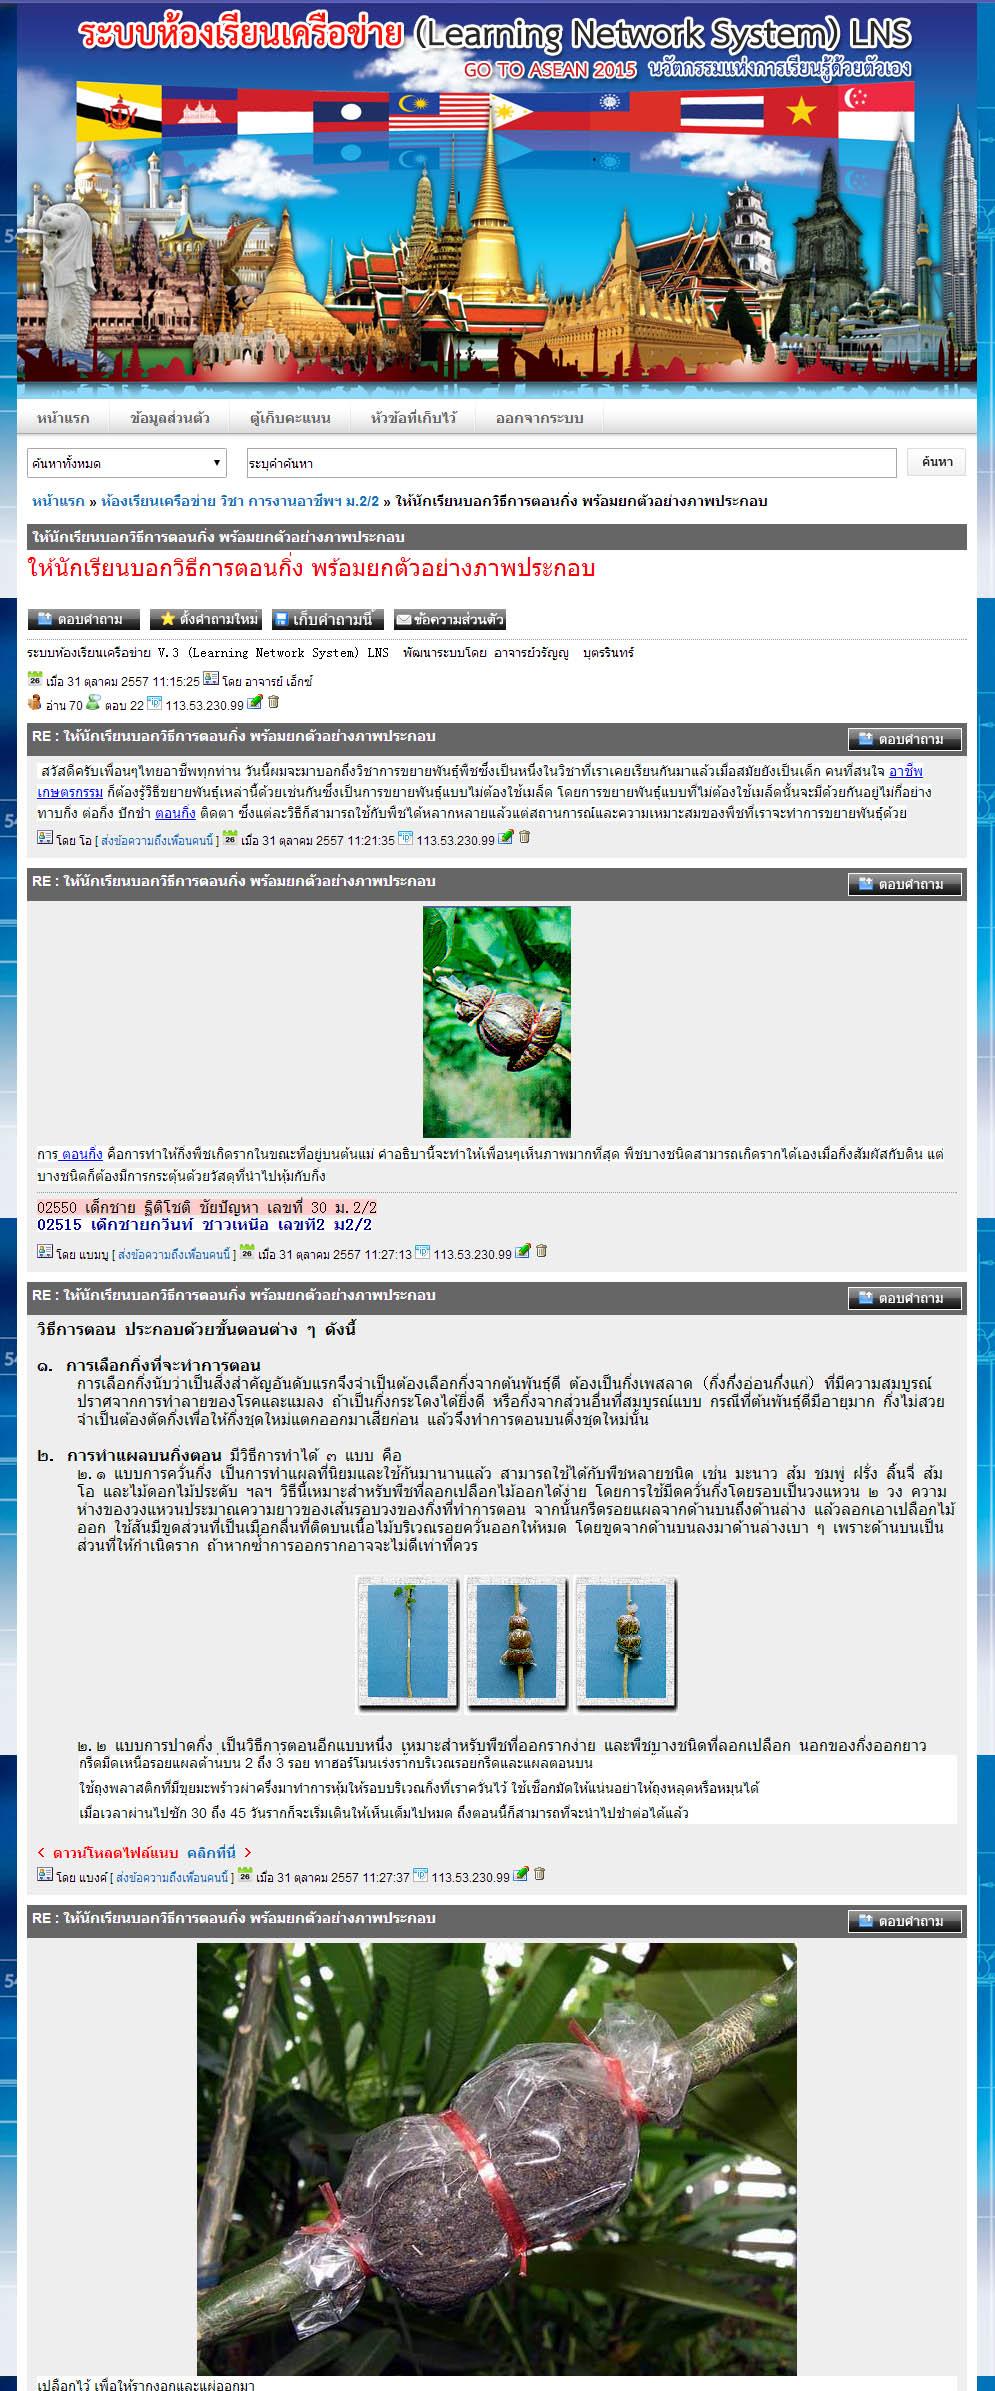 ภาพที่ 2 ระบบห้องเรียนเครือข่าย,ห้องเรียนเสมือน,ห้องเรียนออนไลน์